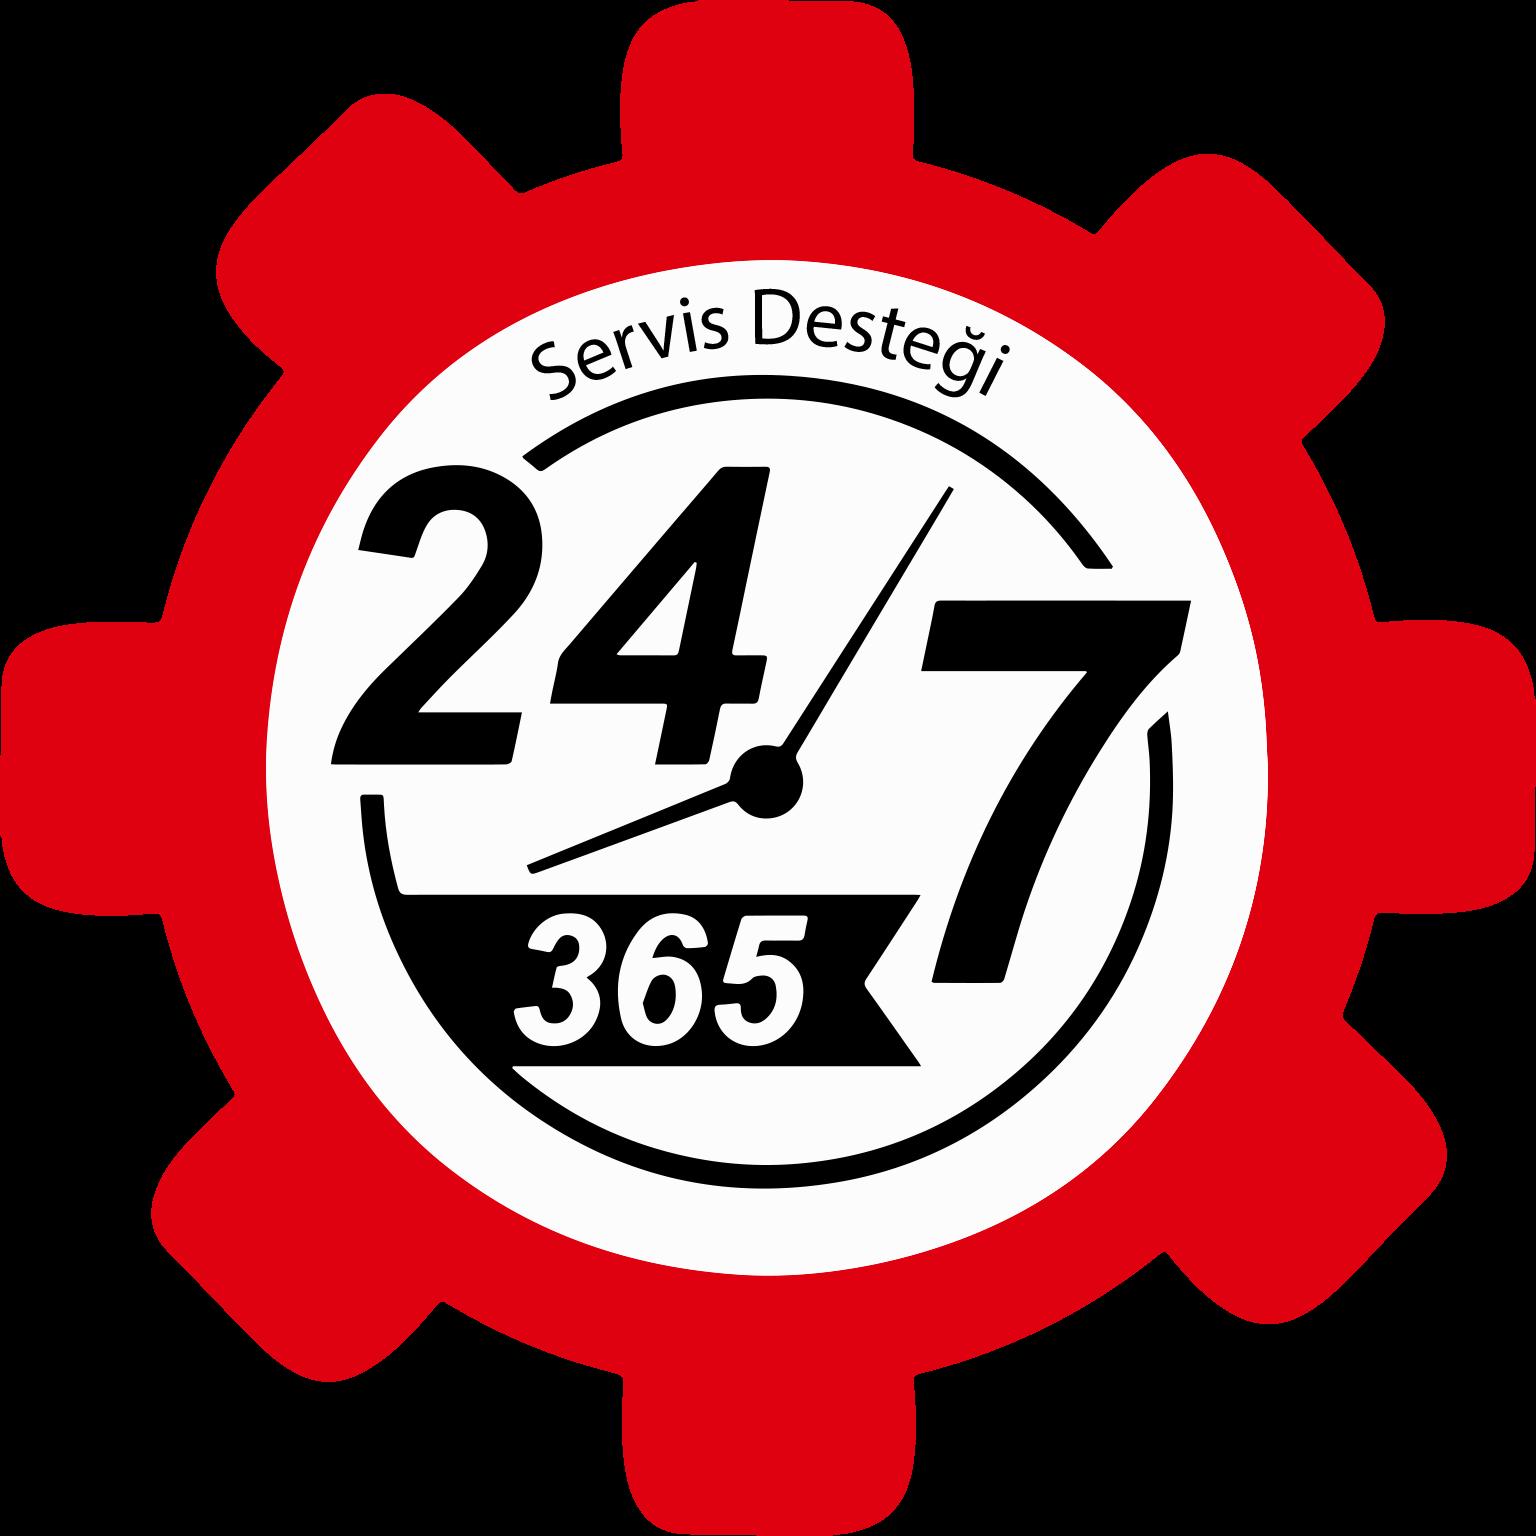 7/24 365 Gün Canlı Servis Desteği